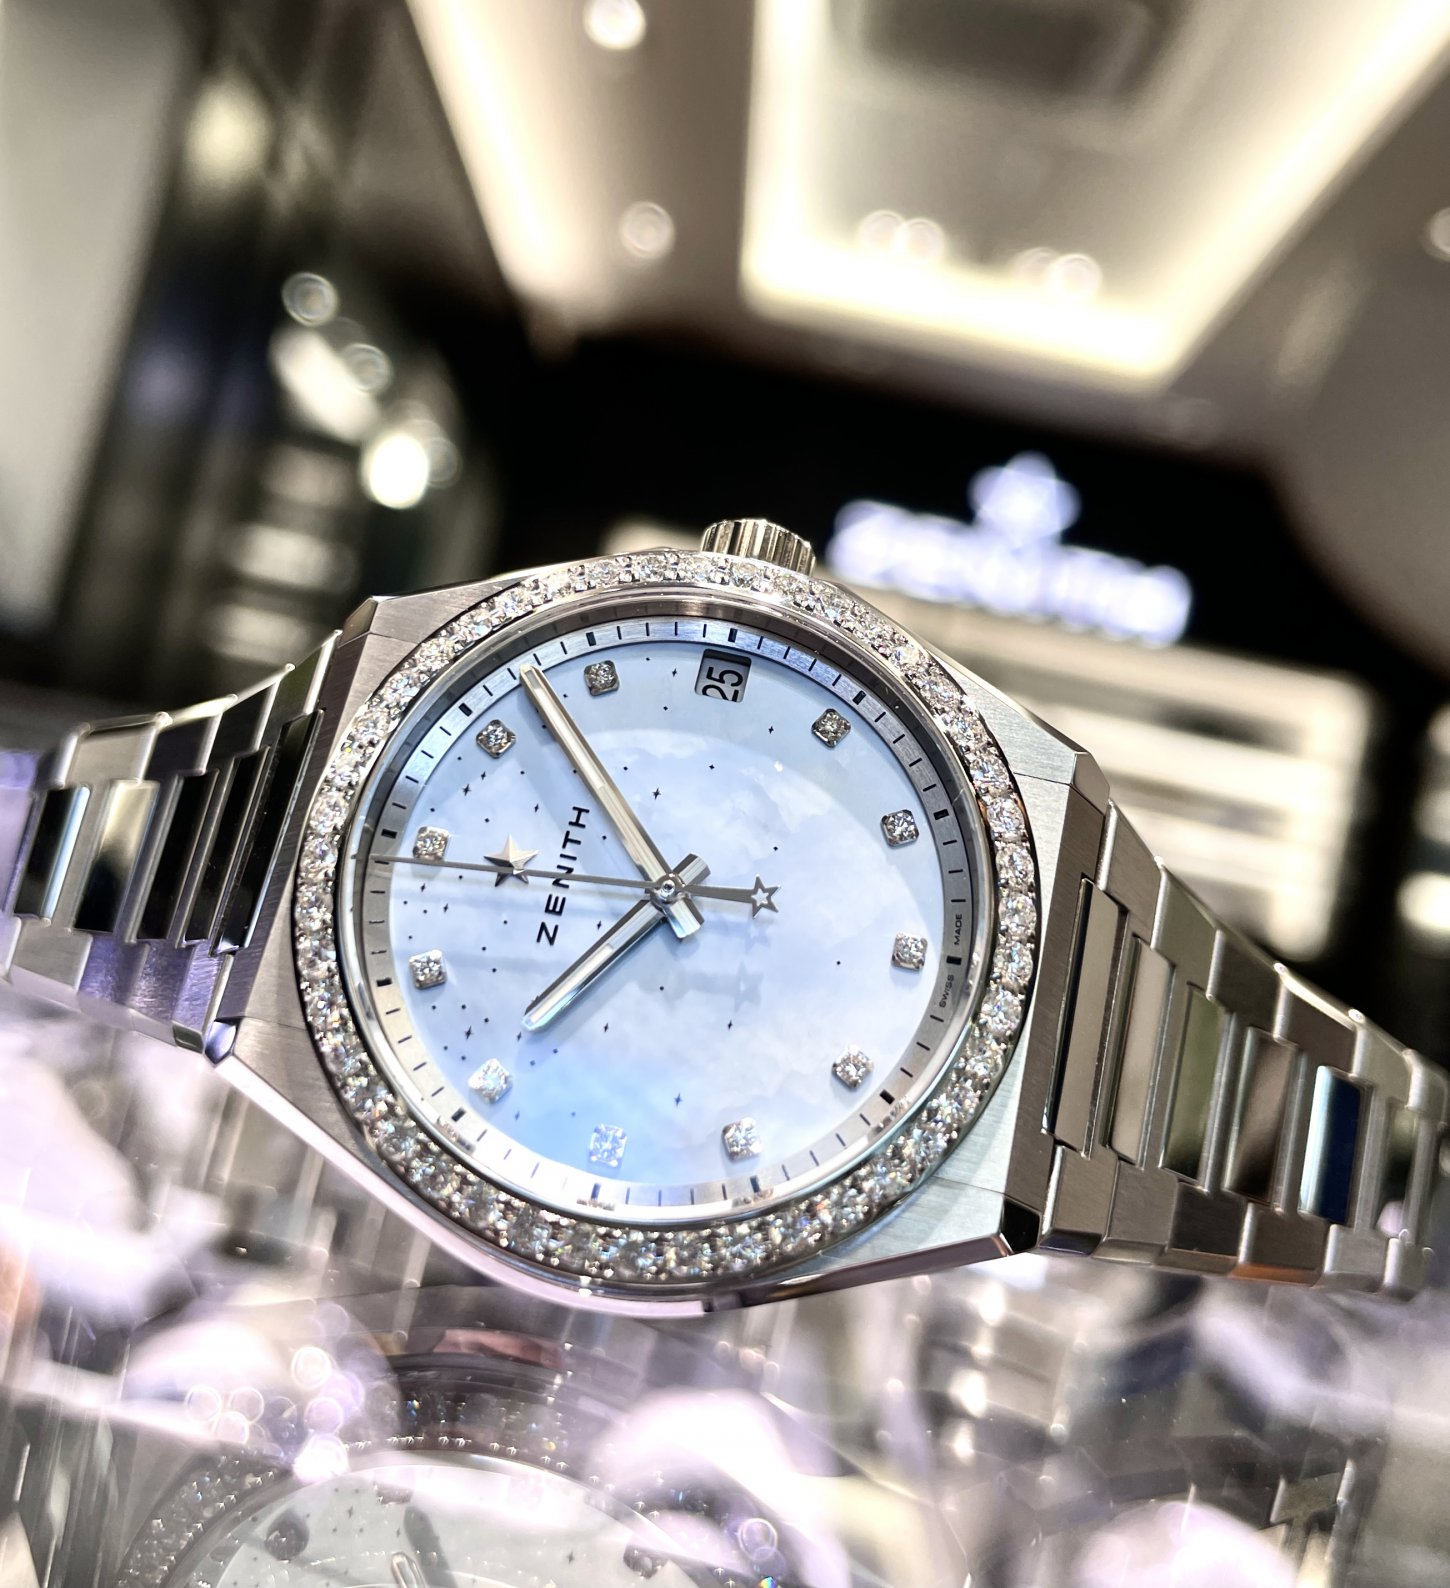 ホワイトダイヤモンドの透明感ある輝きが上品でリッチな印象に!『デファイ ミッドナイト』 - DEFY  IMG_5755